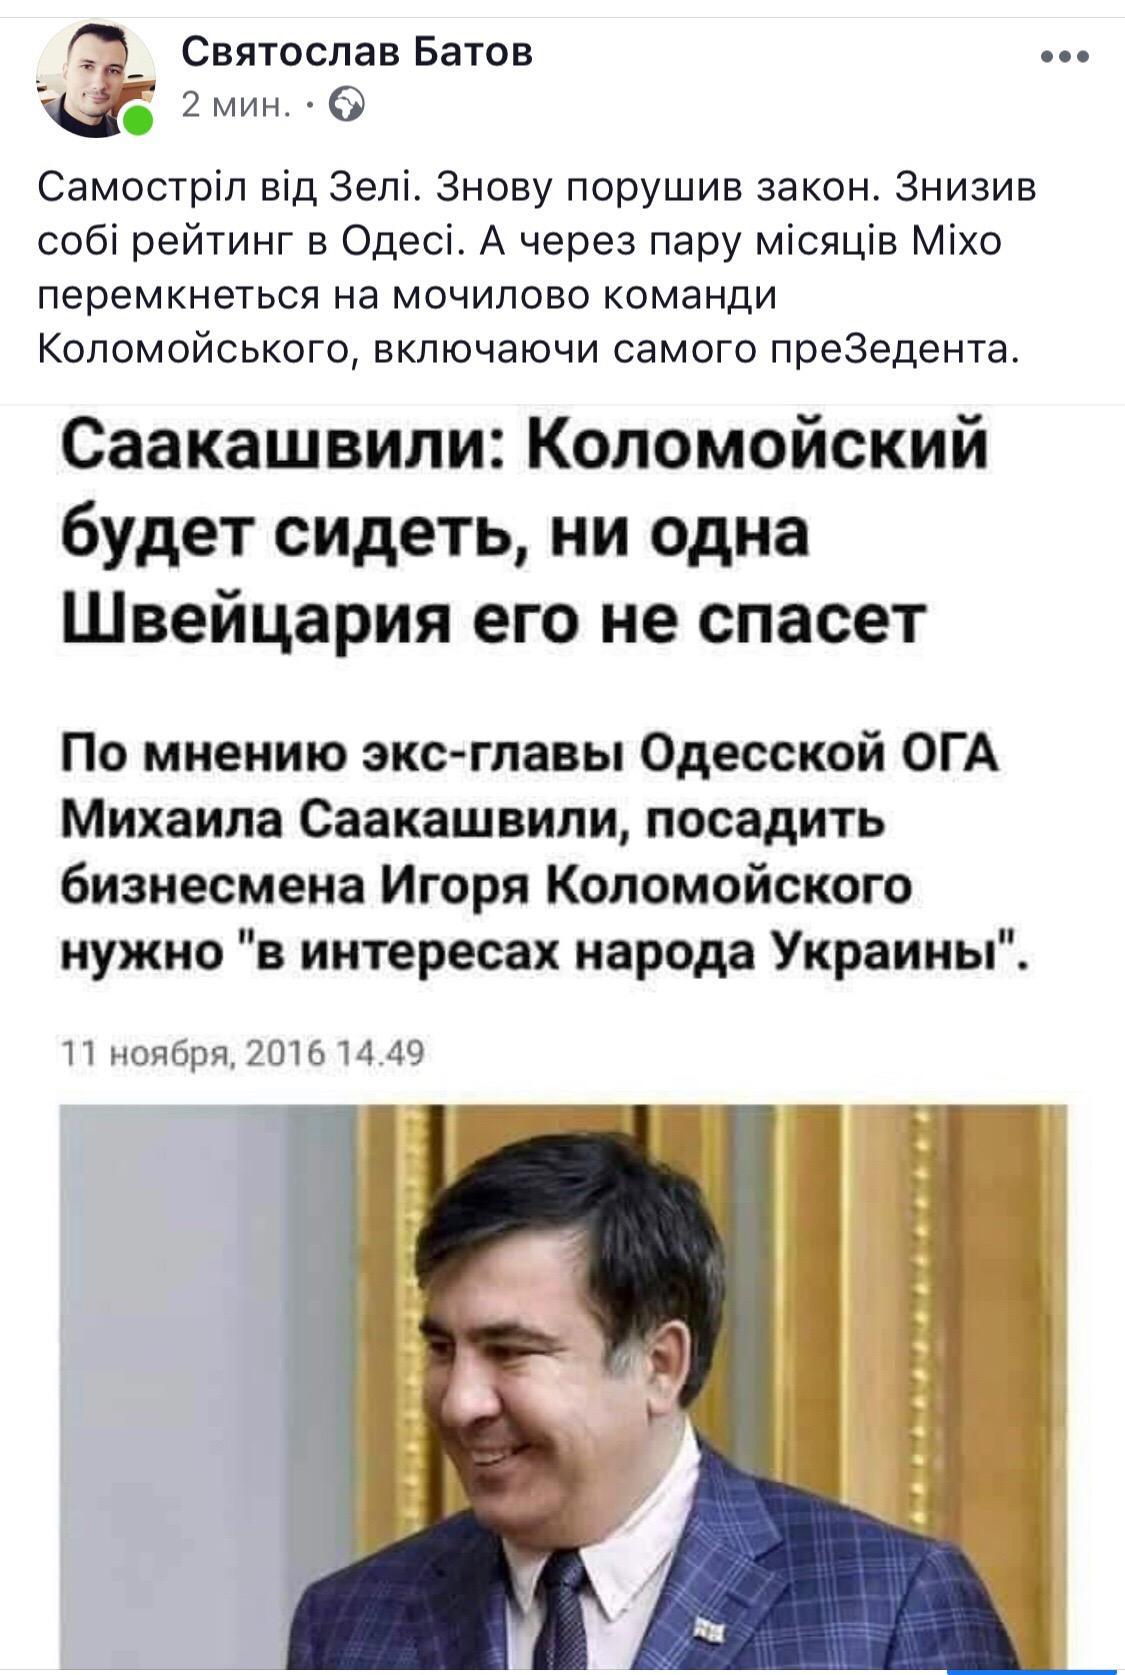 Саакашвілі подякував Зеленському за повернення українського громадянства - Цензор.НЕТ 6559